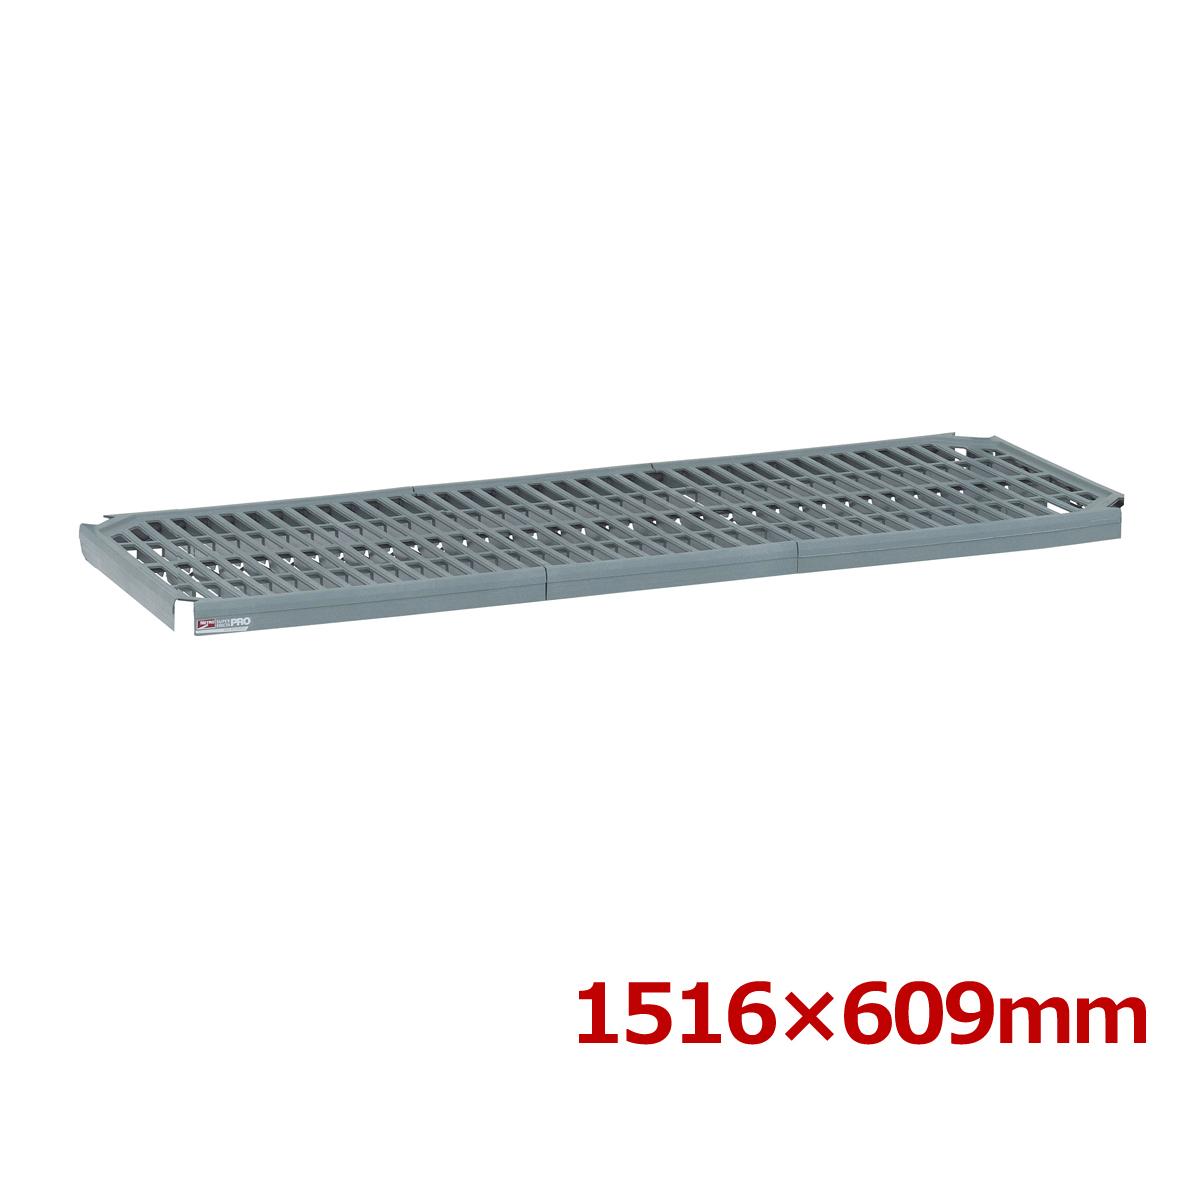 スーパーエレクタープロ棚 PR2460NK3 システムラック ラック スチール